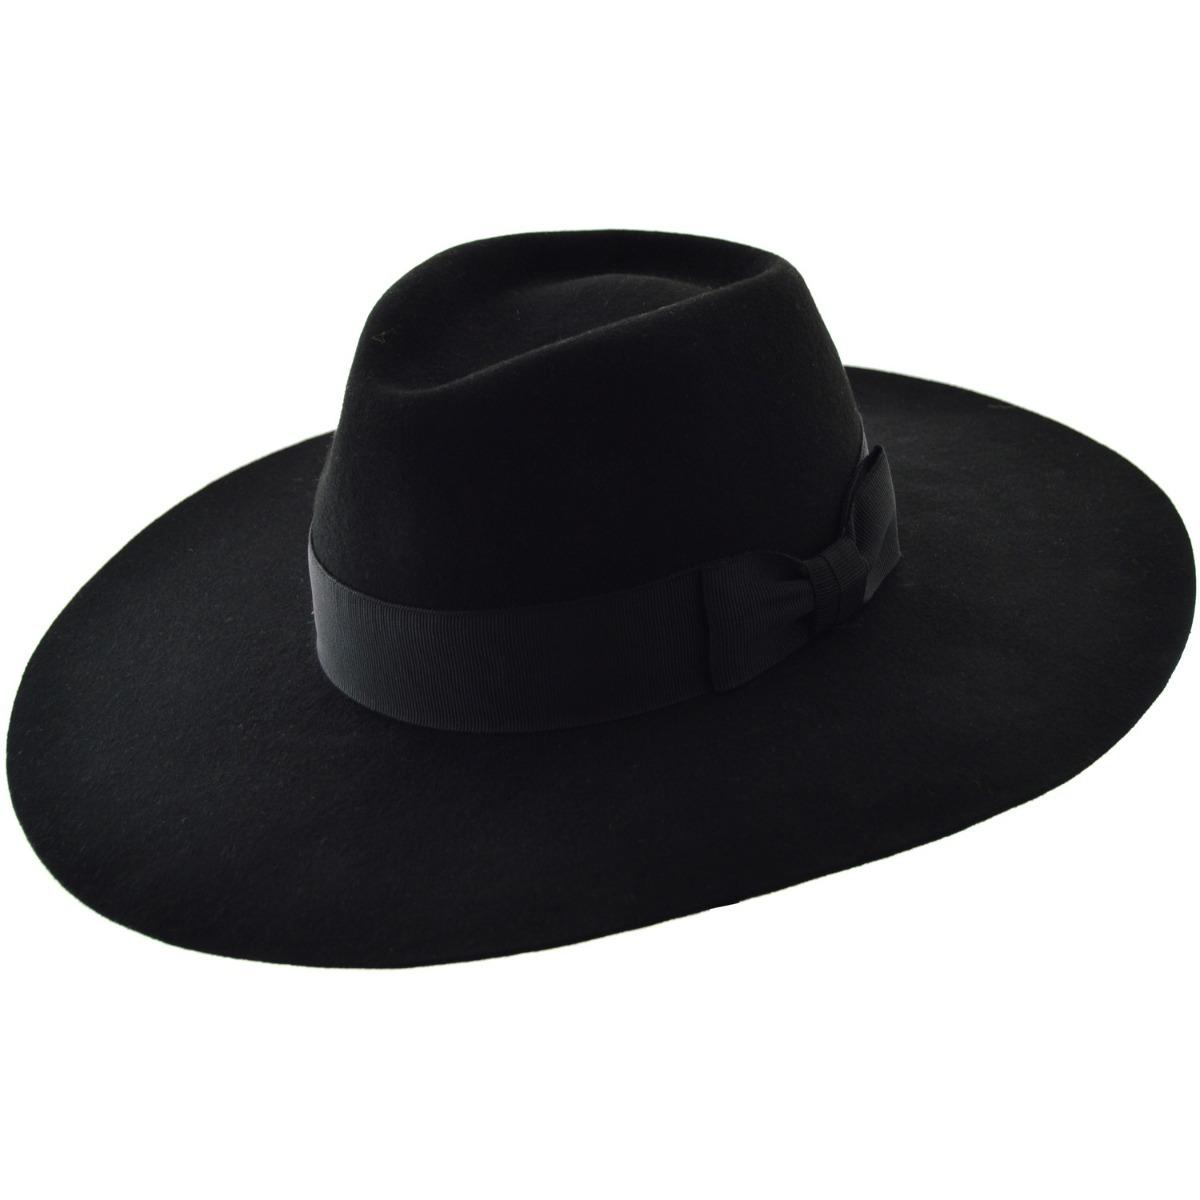 0d9100b35038c sombrero ala ancha fieltro compañia de sombreros h614011. Cargando zoom.